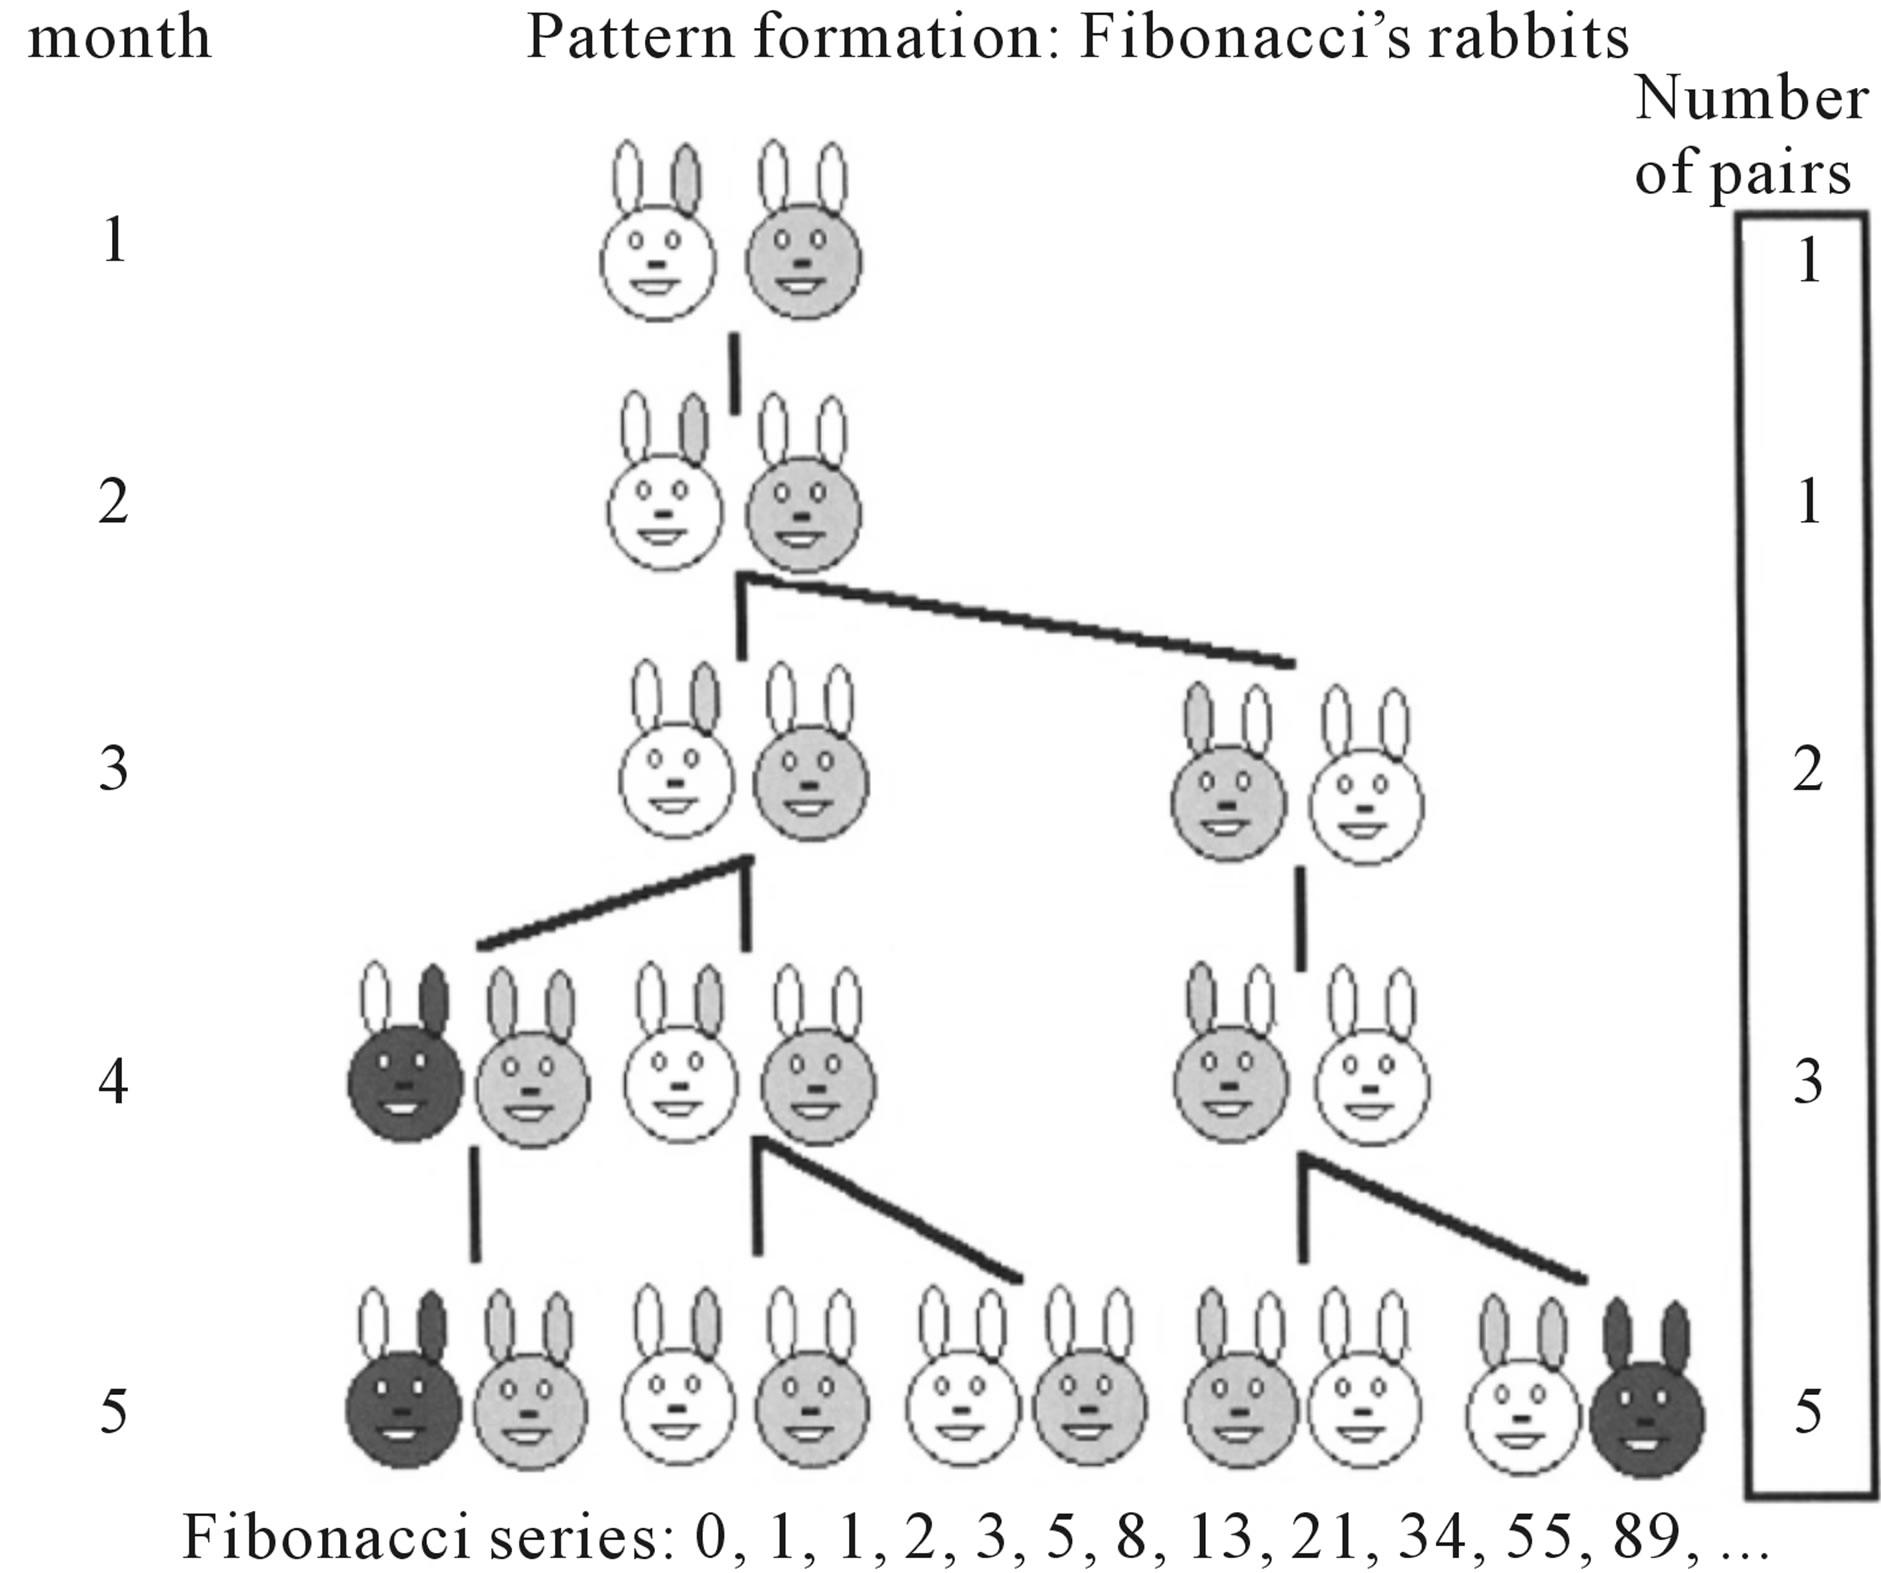 fibonacci sequence in reproduction